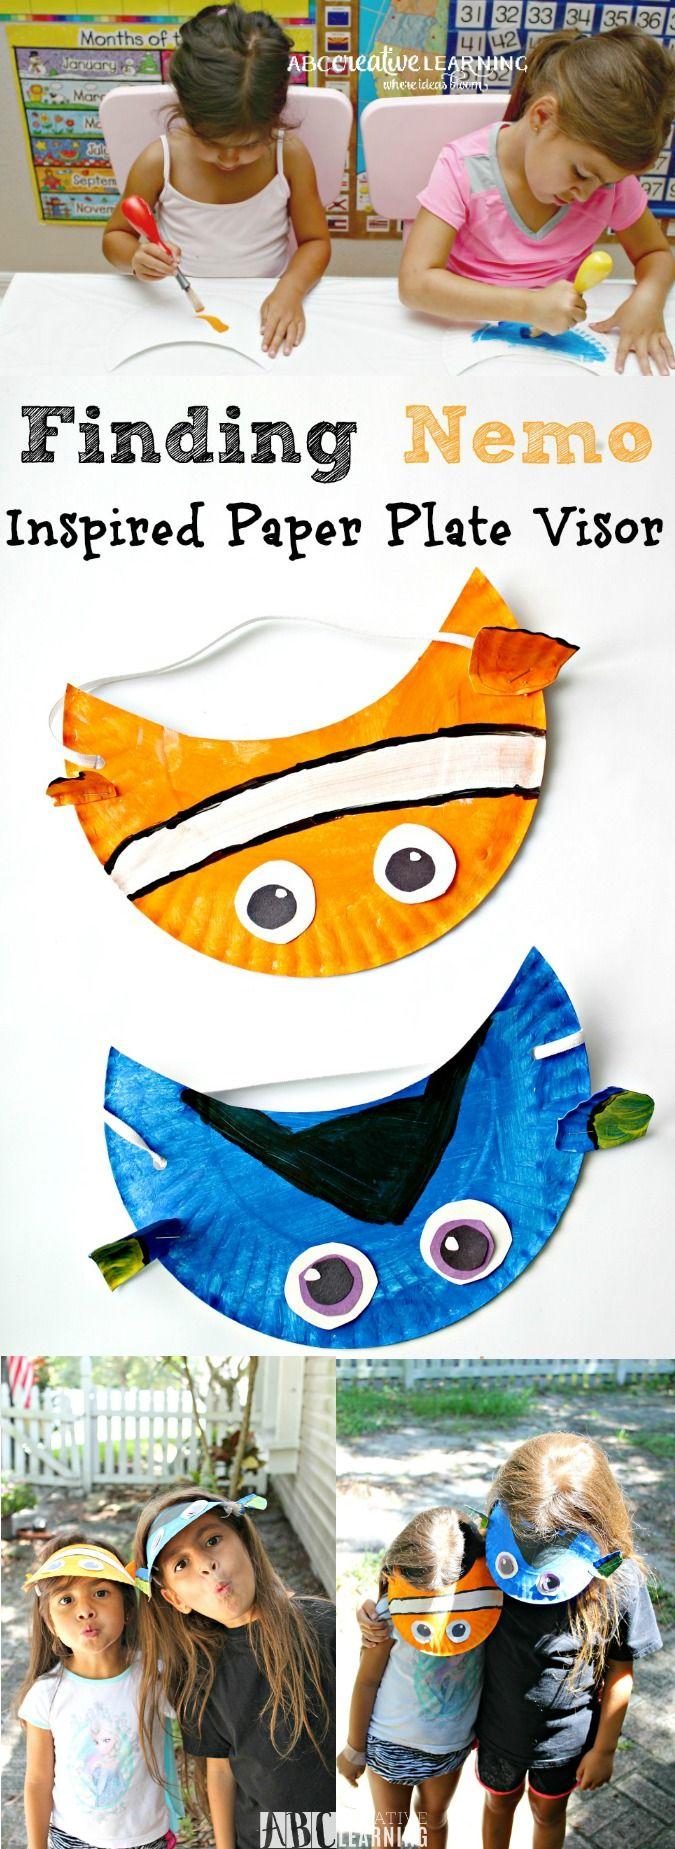 Finding Nemo Movie Inspired Paper Plate Visor Hat for Kids - abccreativelearning.com